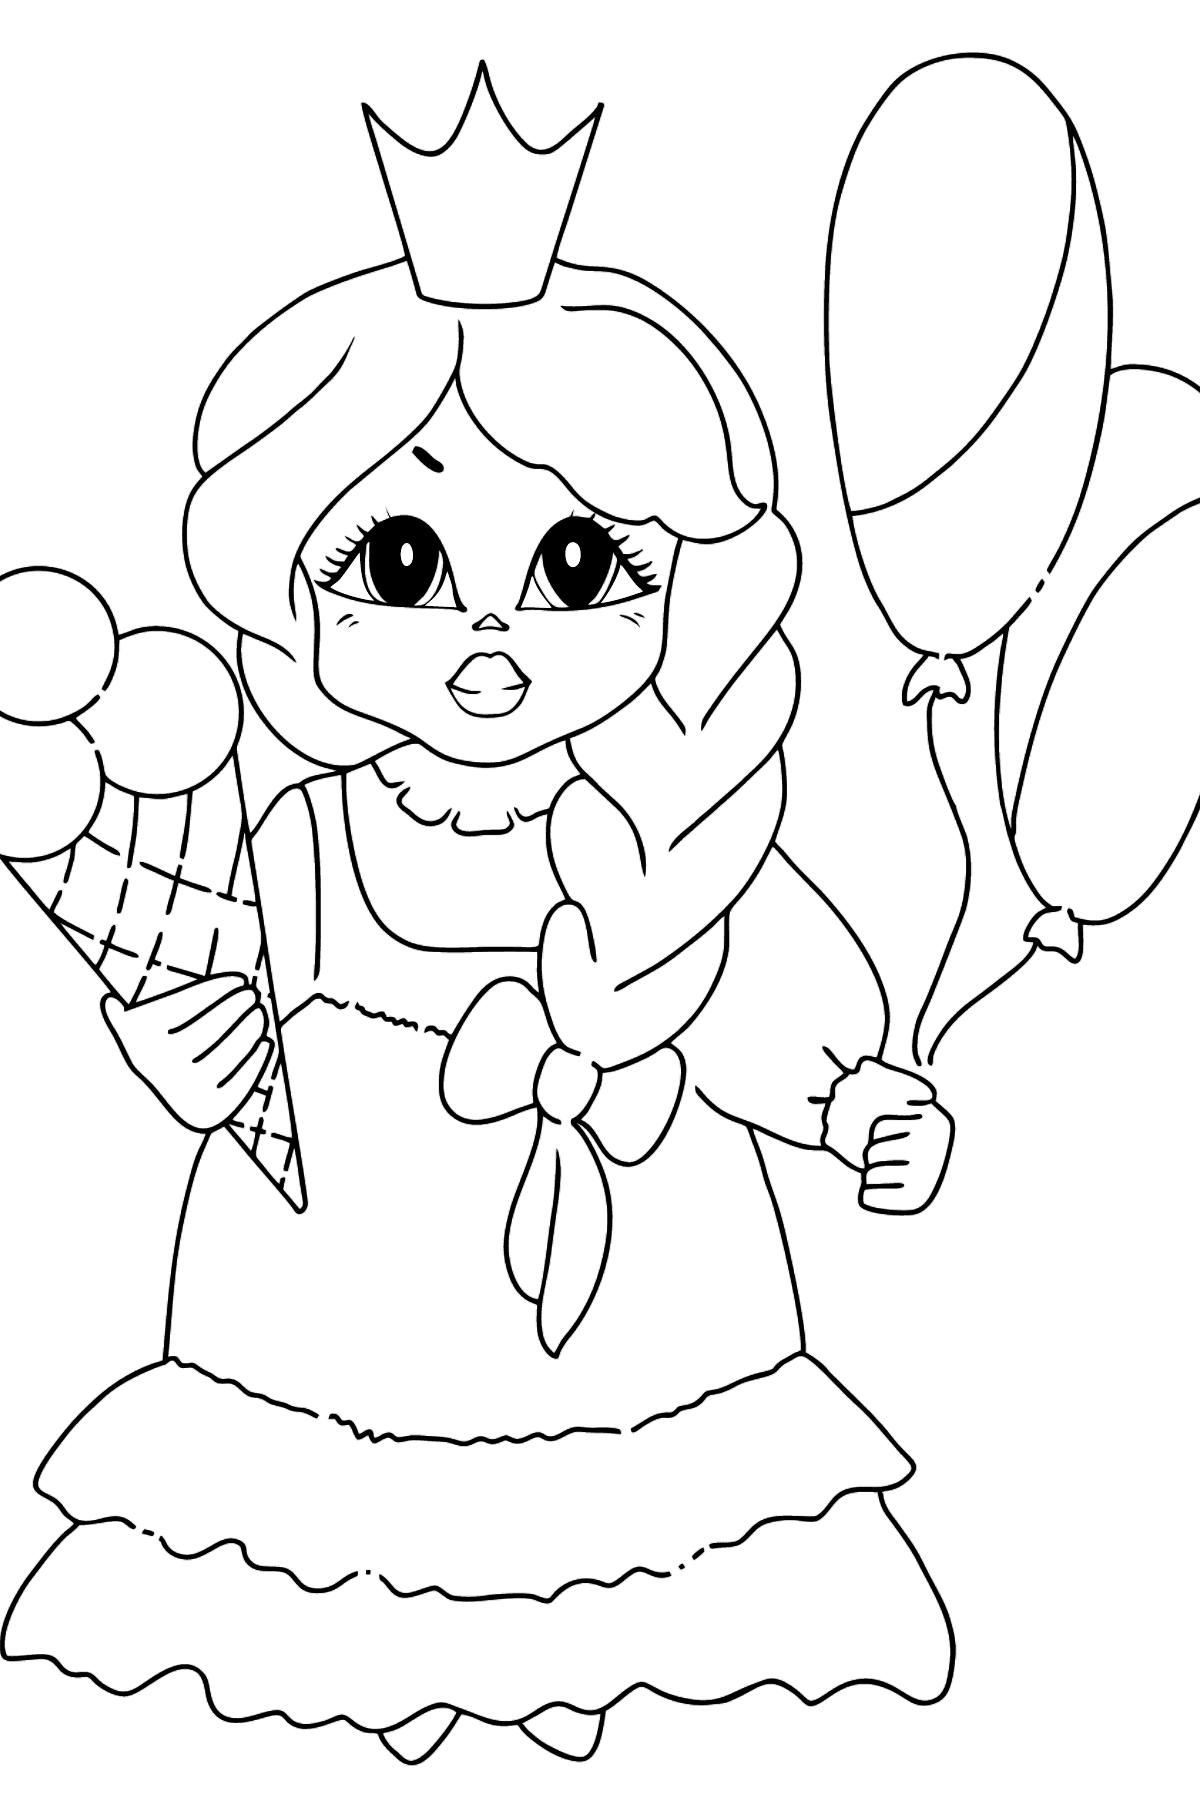 Простая раскраска Принцесса Замечательная - Картинки для Детей